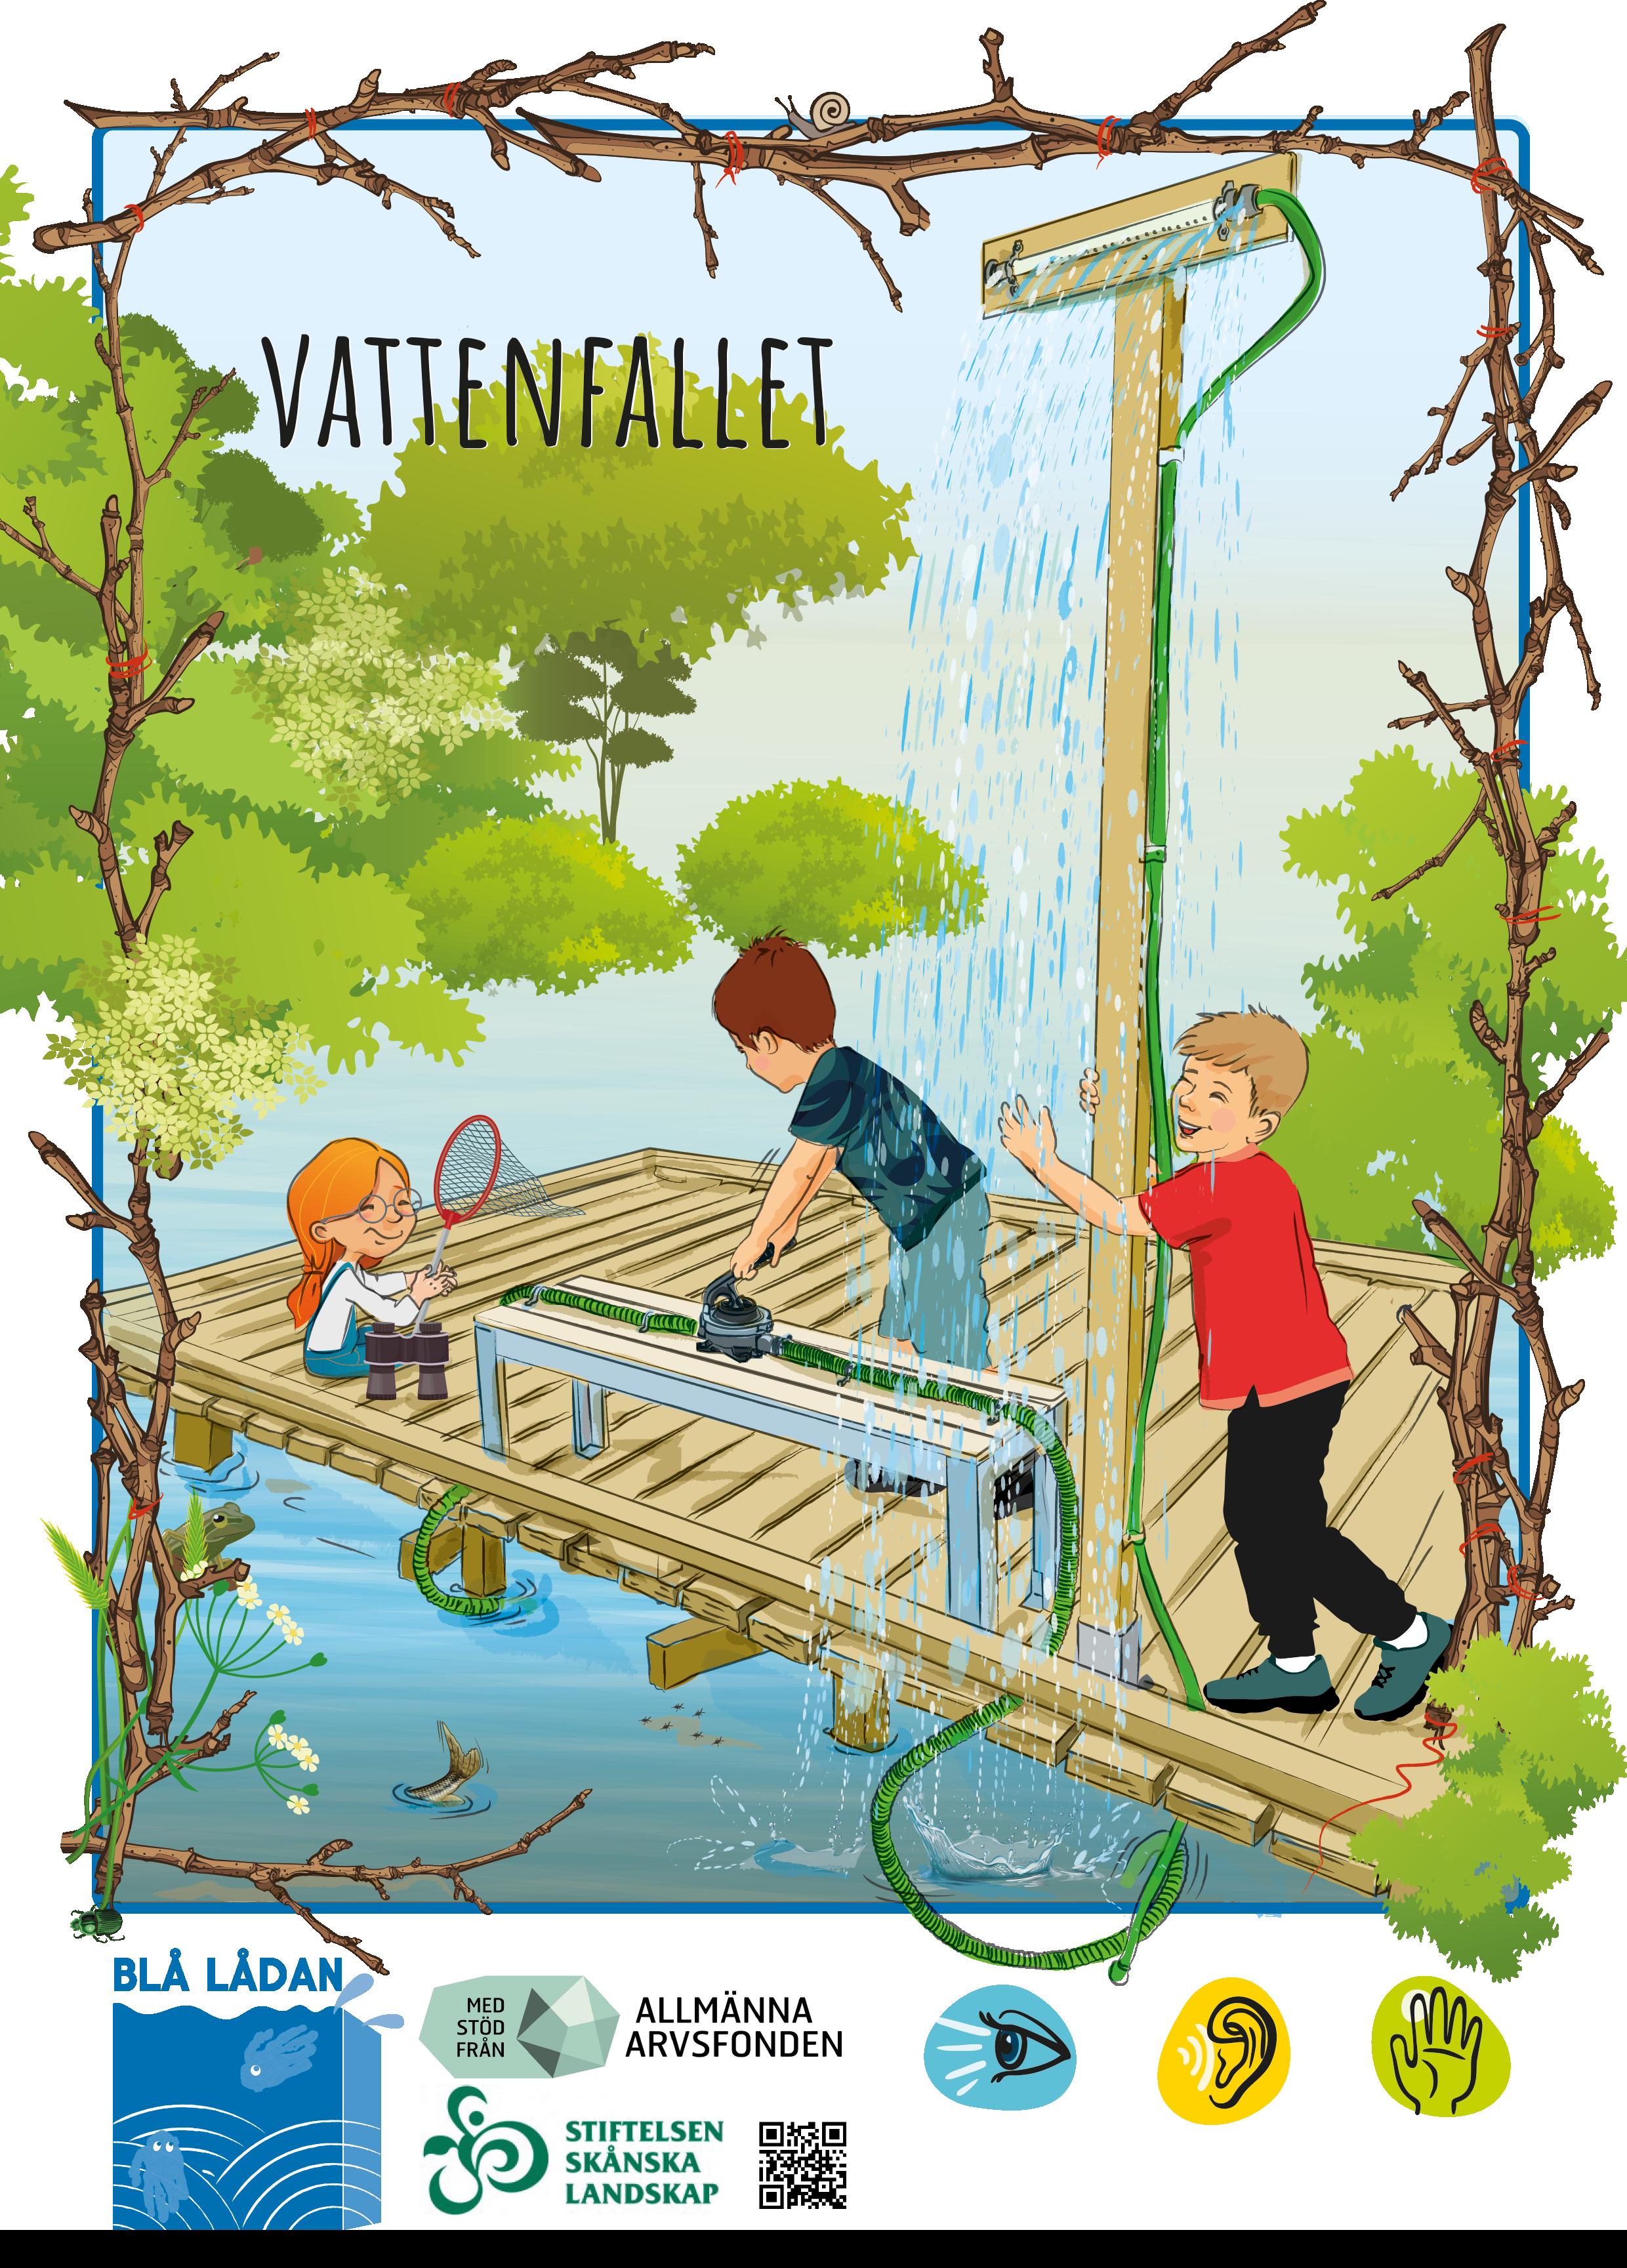 Ett barn pumpar upp vatten genom en slang som är kopplat till ett rör med hål som skapar ett vattenfall. Ett annat barn leker med vattnet som faller i vattenfallet och en tredje sitter på bryggan och leker med en håv.